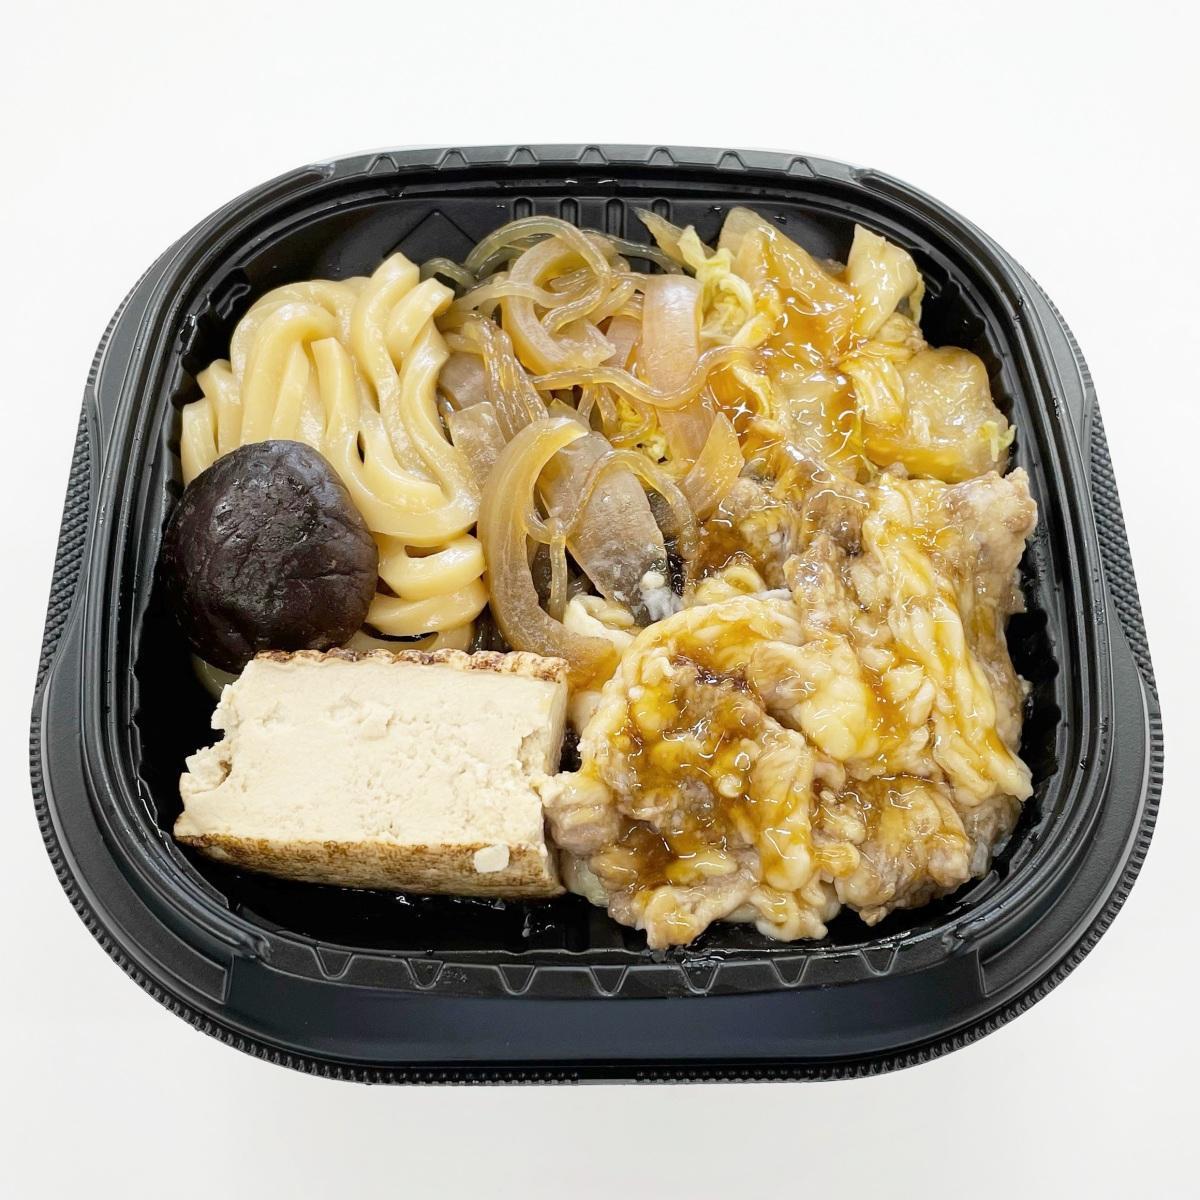 うどんも入れた「秋田県産黒毛和牛の牛すき煮丼」